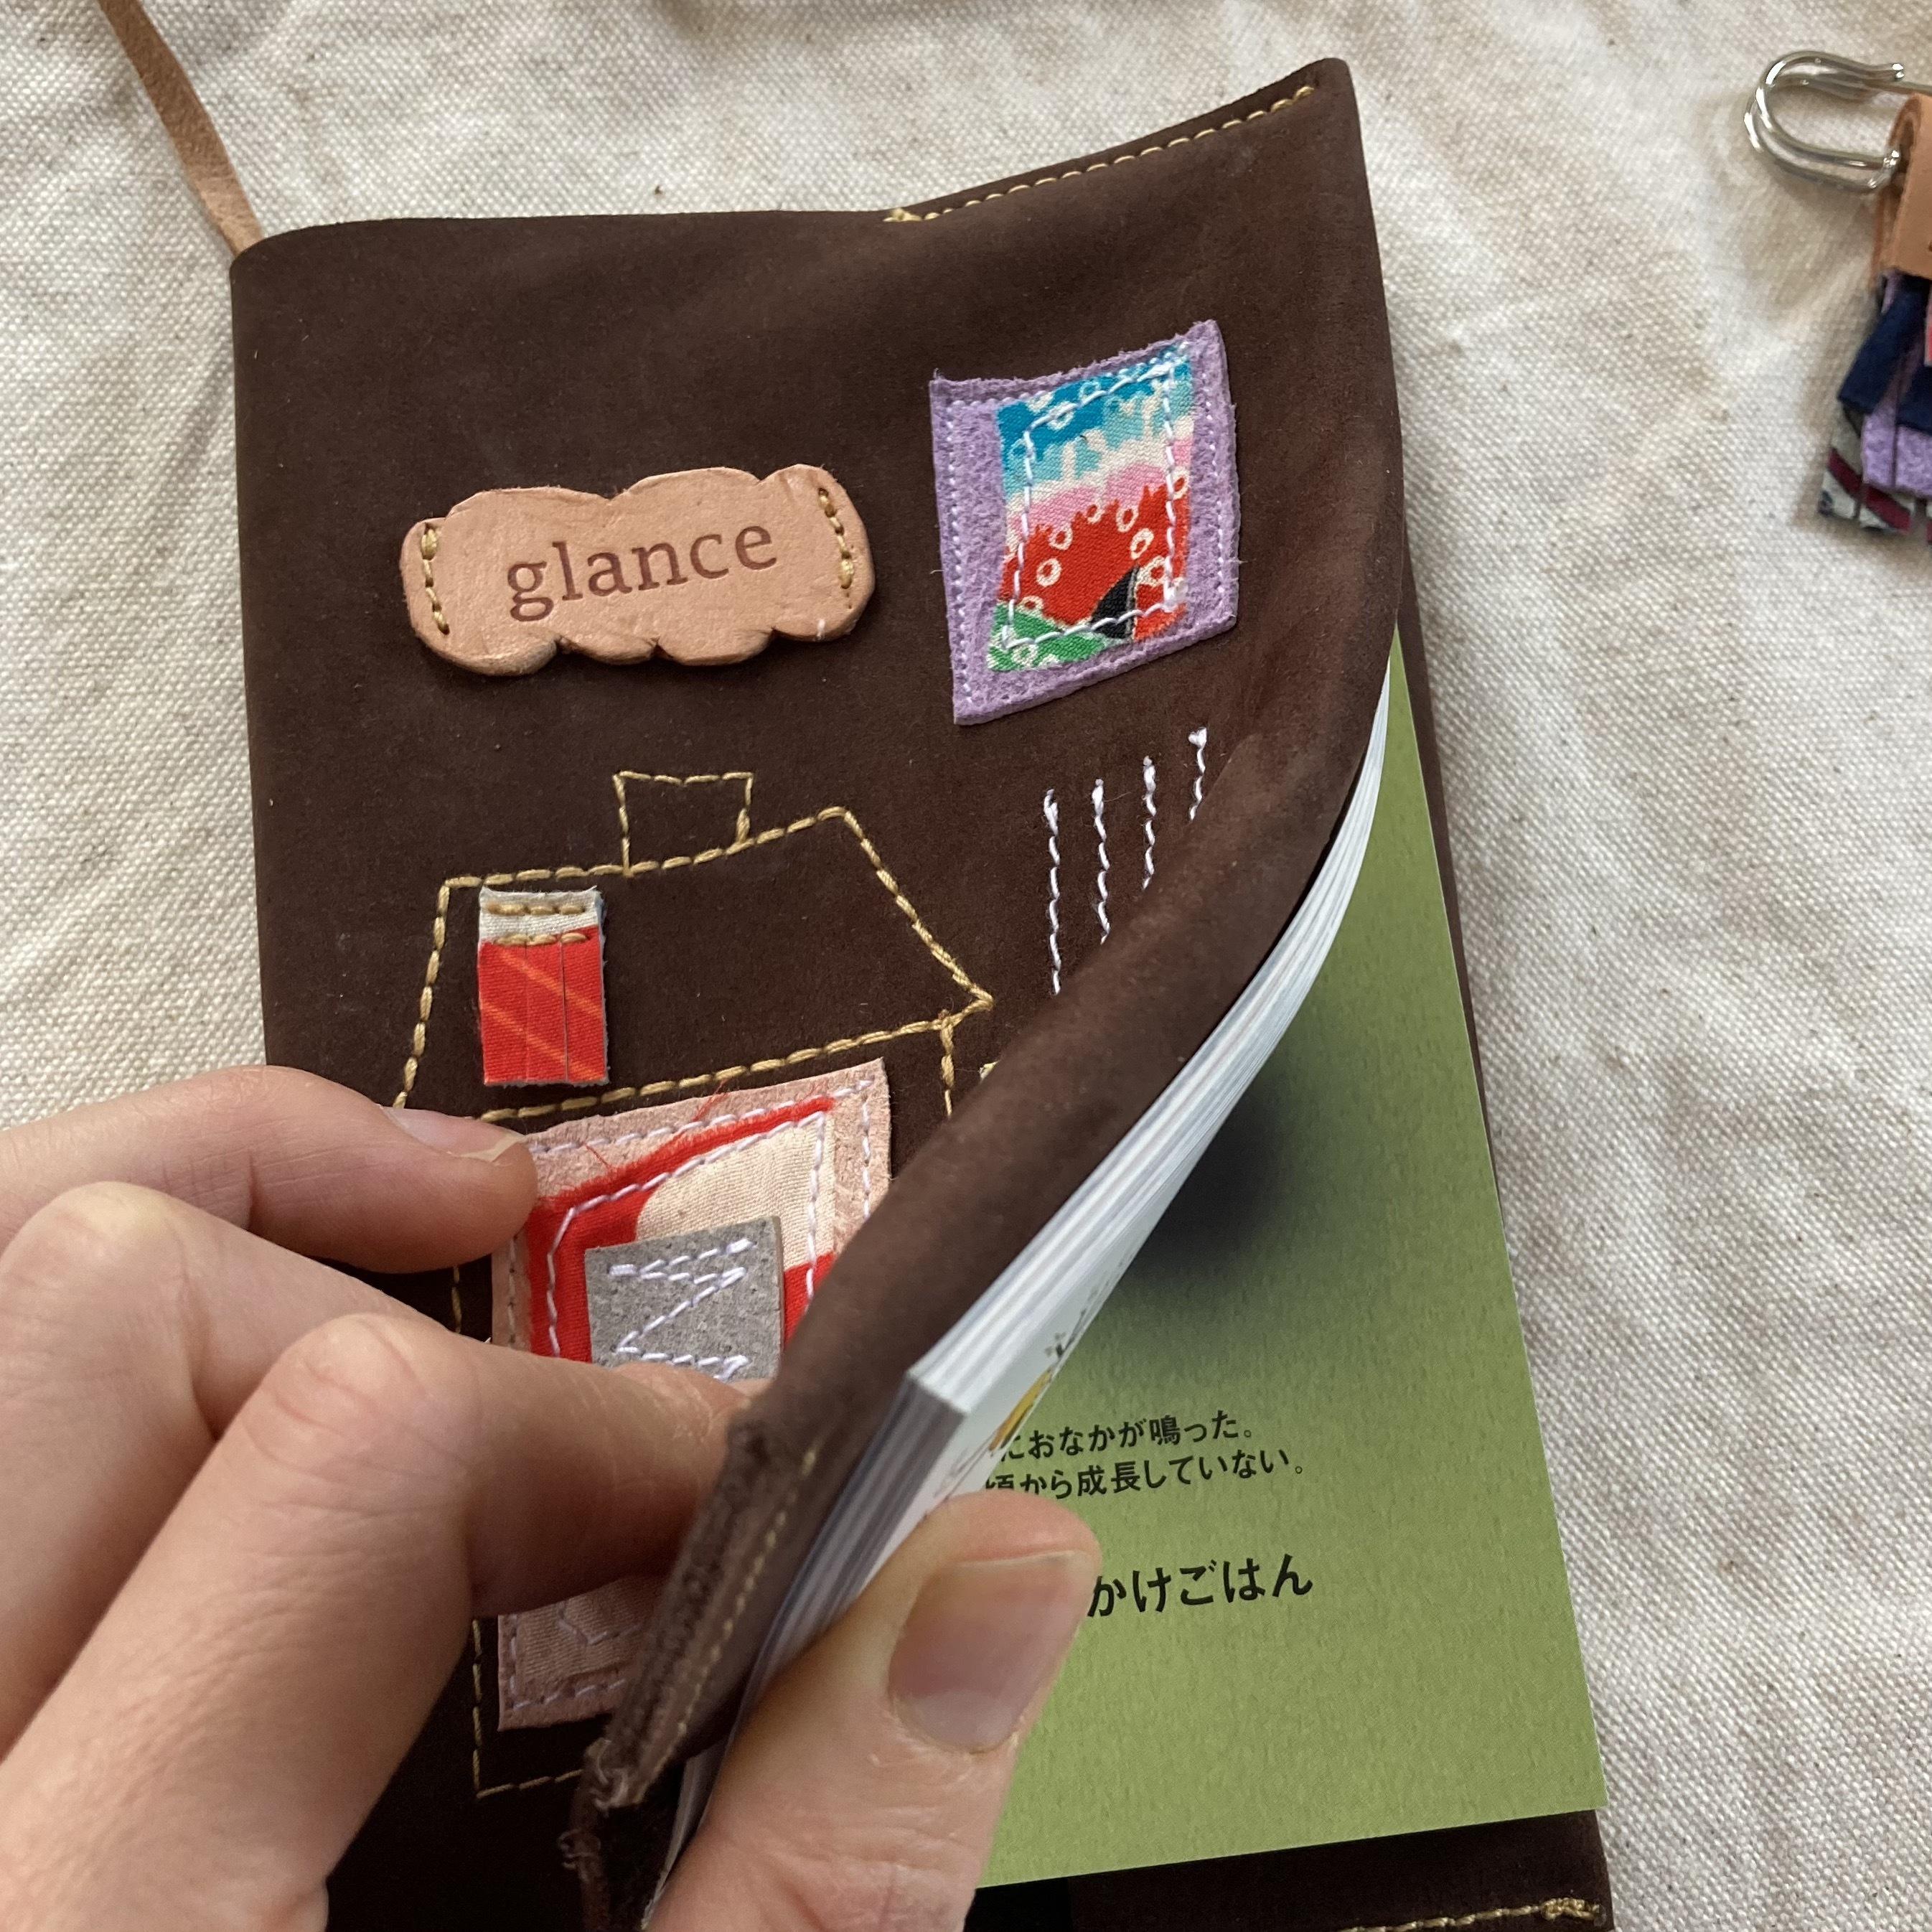 tugihagi ブックカバー 本革と古布 □-5